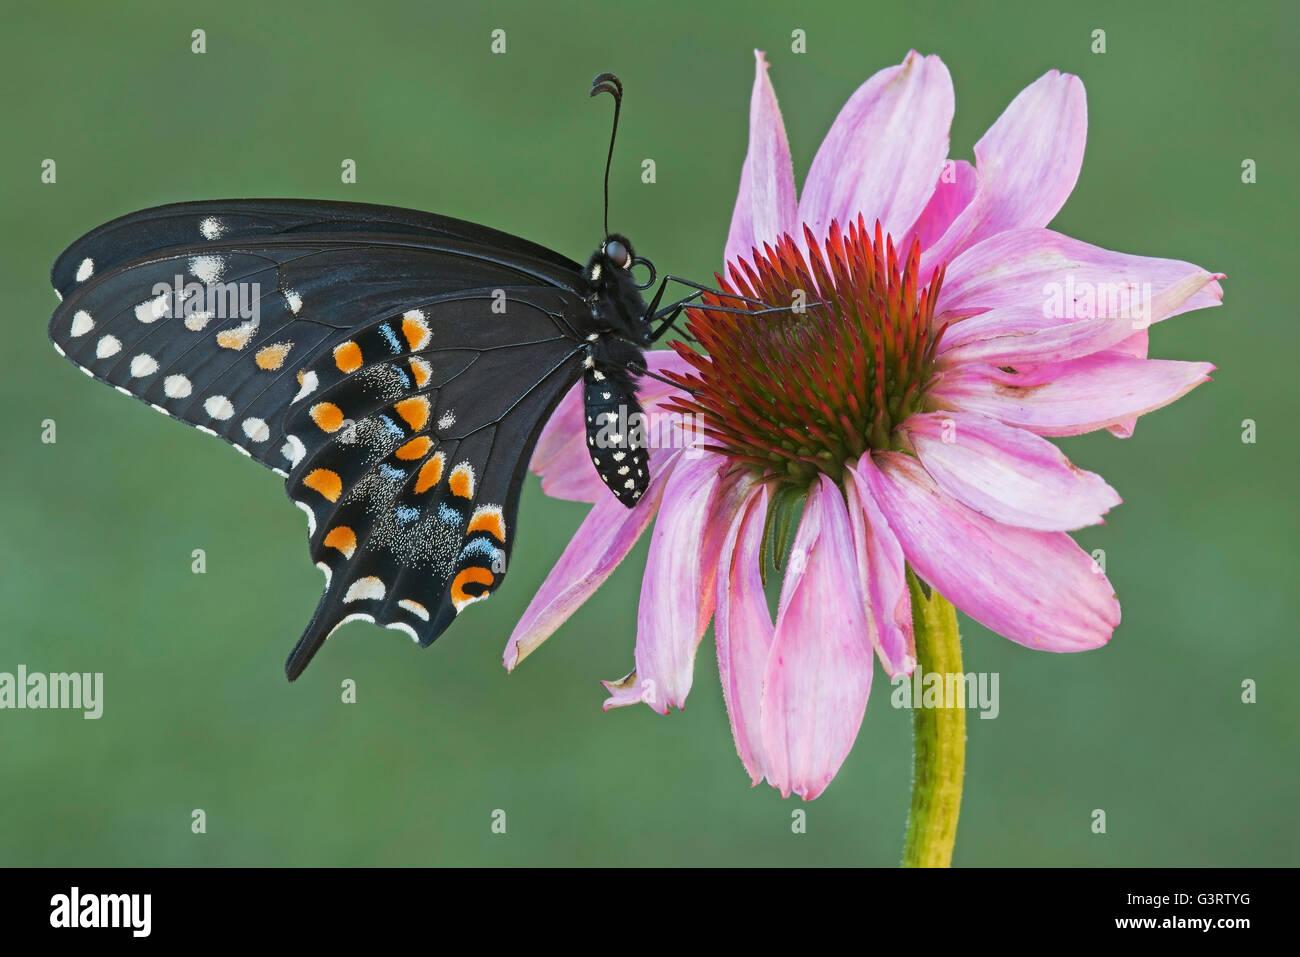 E Nero a farfalla a coda di rondine femmina adulta (Papilio polyxenes) alimentazione su Purple Coneflower (Echinacea purpurea) E STATI UNITI D'AMERICA Foto Stock